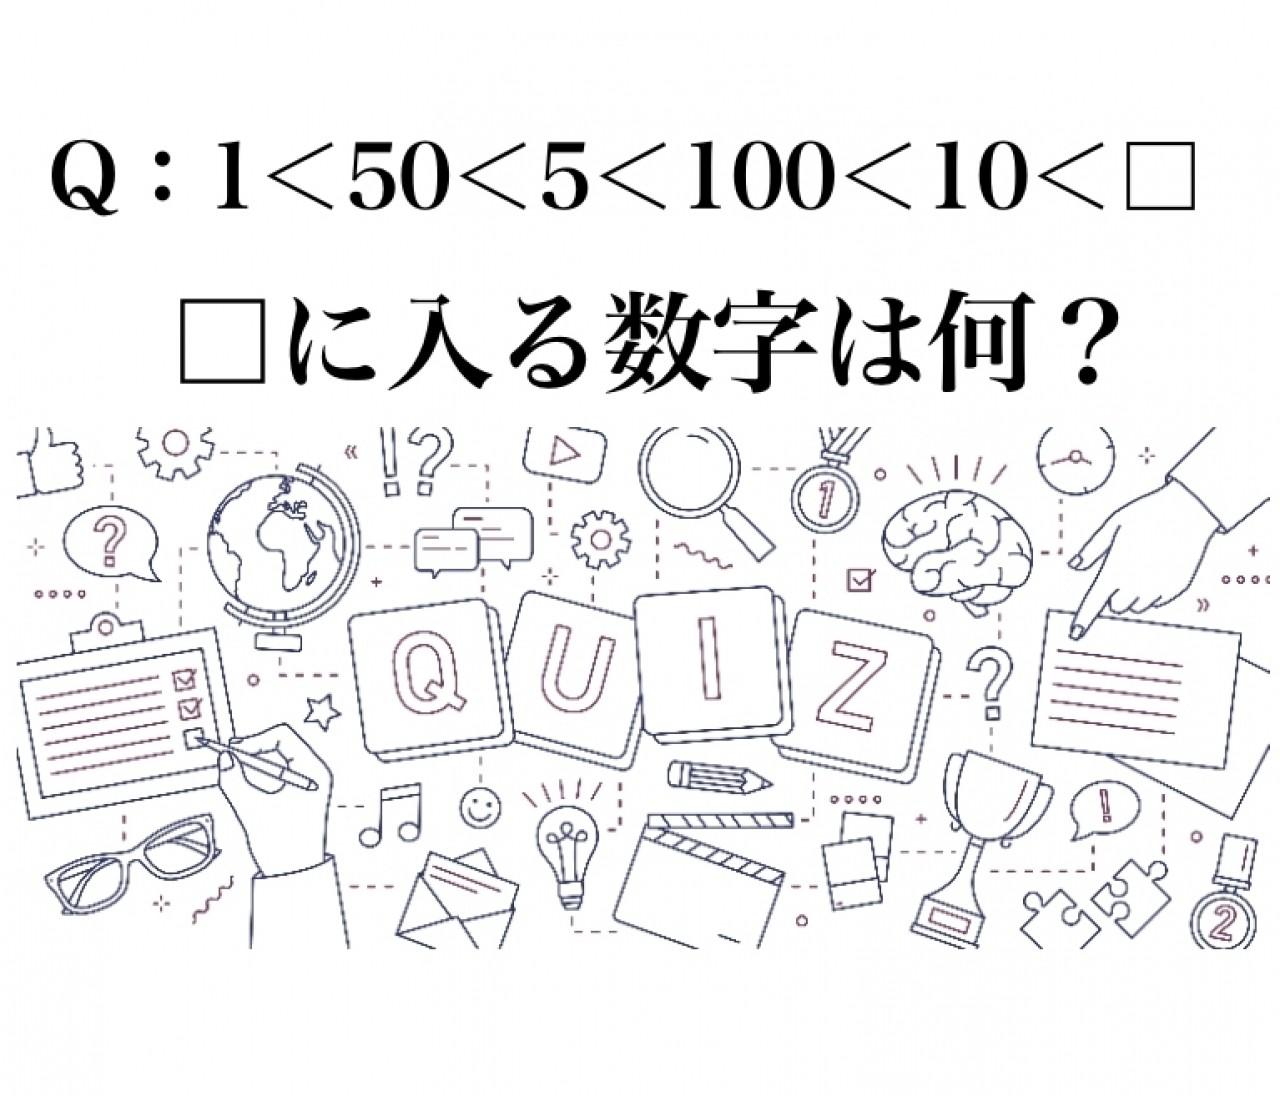 """【東大生クイズ王・伊沢拓司さんの""""頭の体操""""vol.7】□に入る数字を答えよ"""